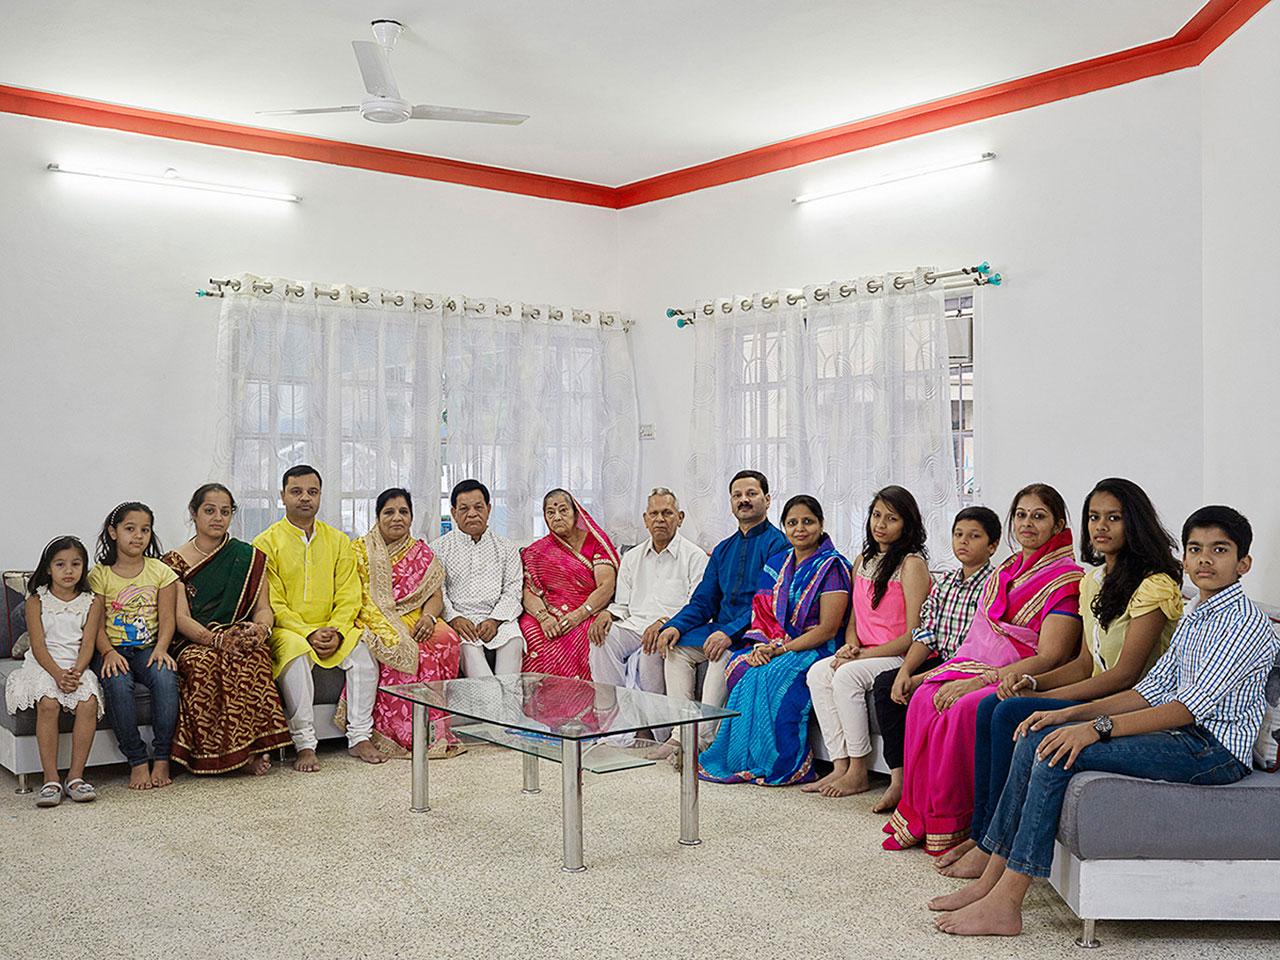 Mehta: 15 Personen leben unter einem Dach – sie teilen sich eine Küche, haben aber sechs Badezimmer und fünfzehn Bankkonten.